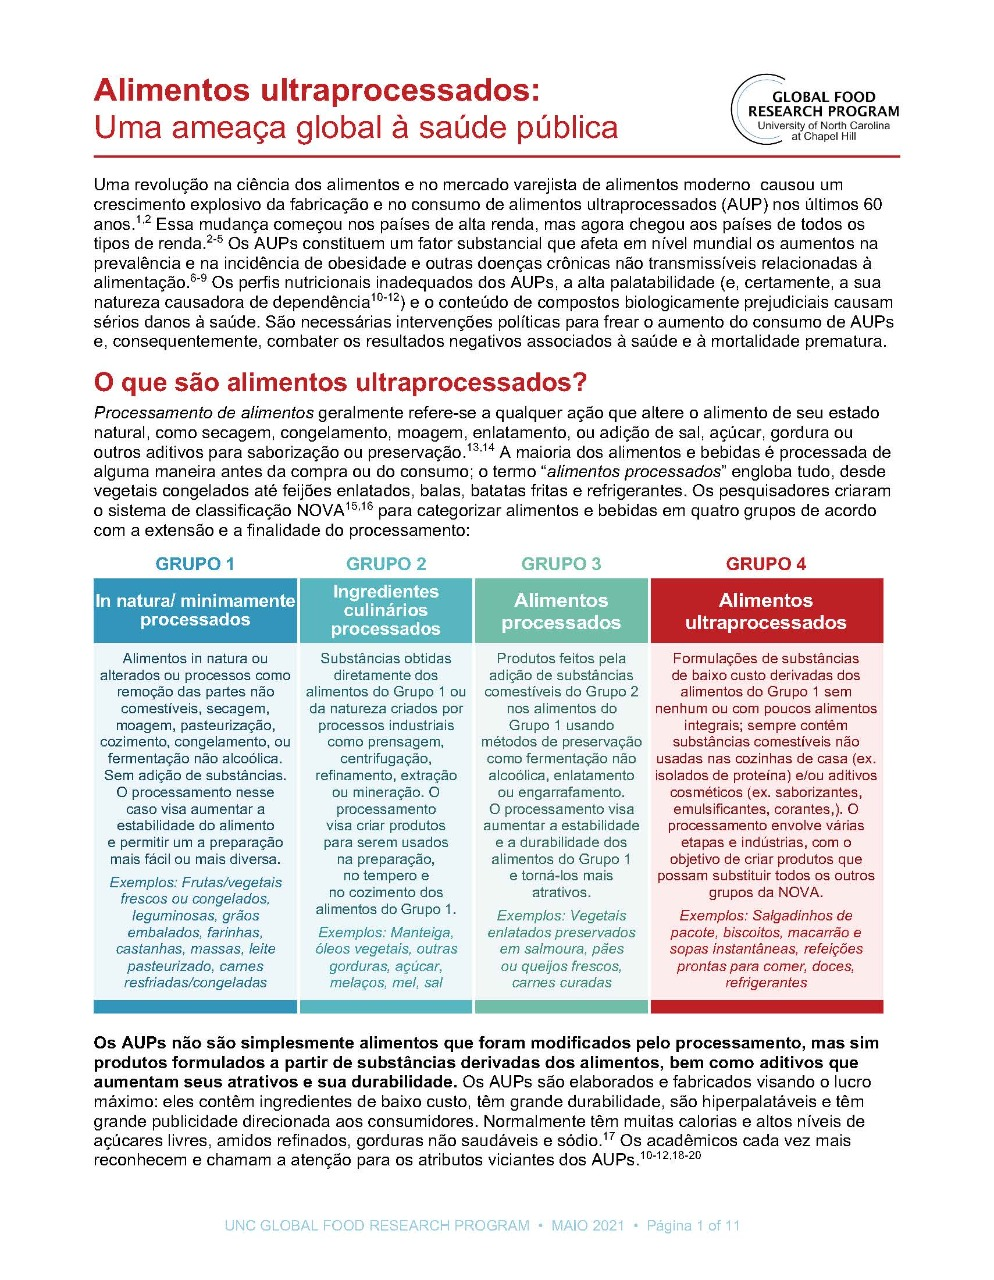 Alimentos ultraprocessados: Uma ameaça global à saúde pública